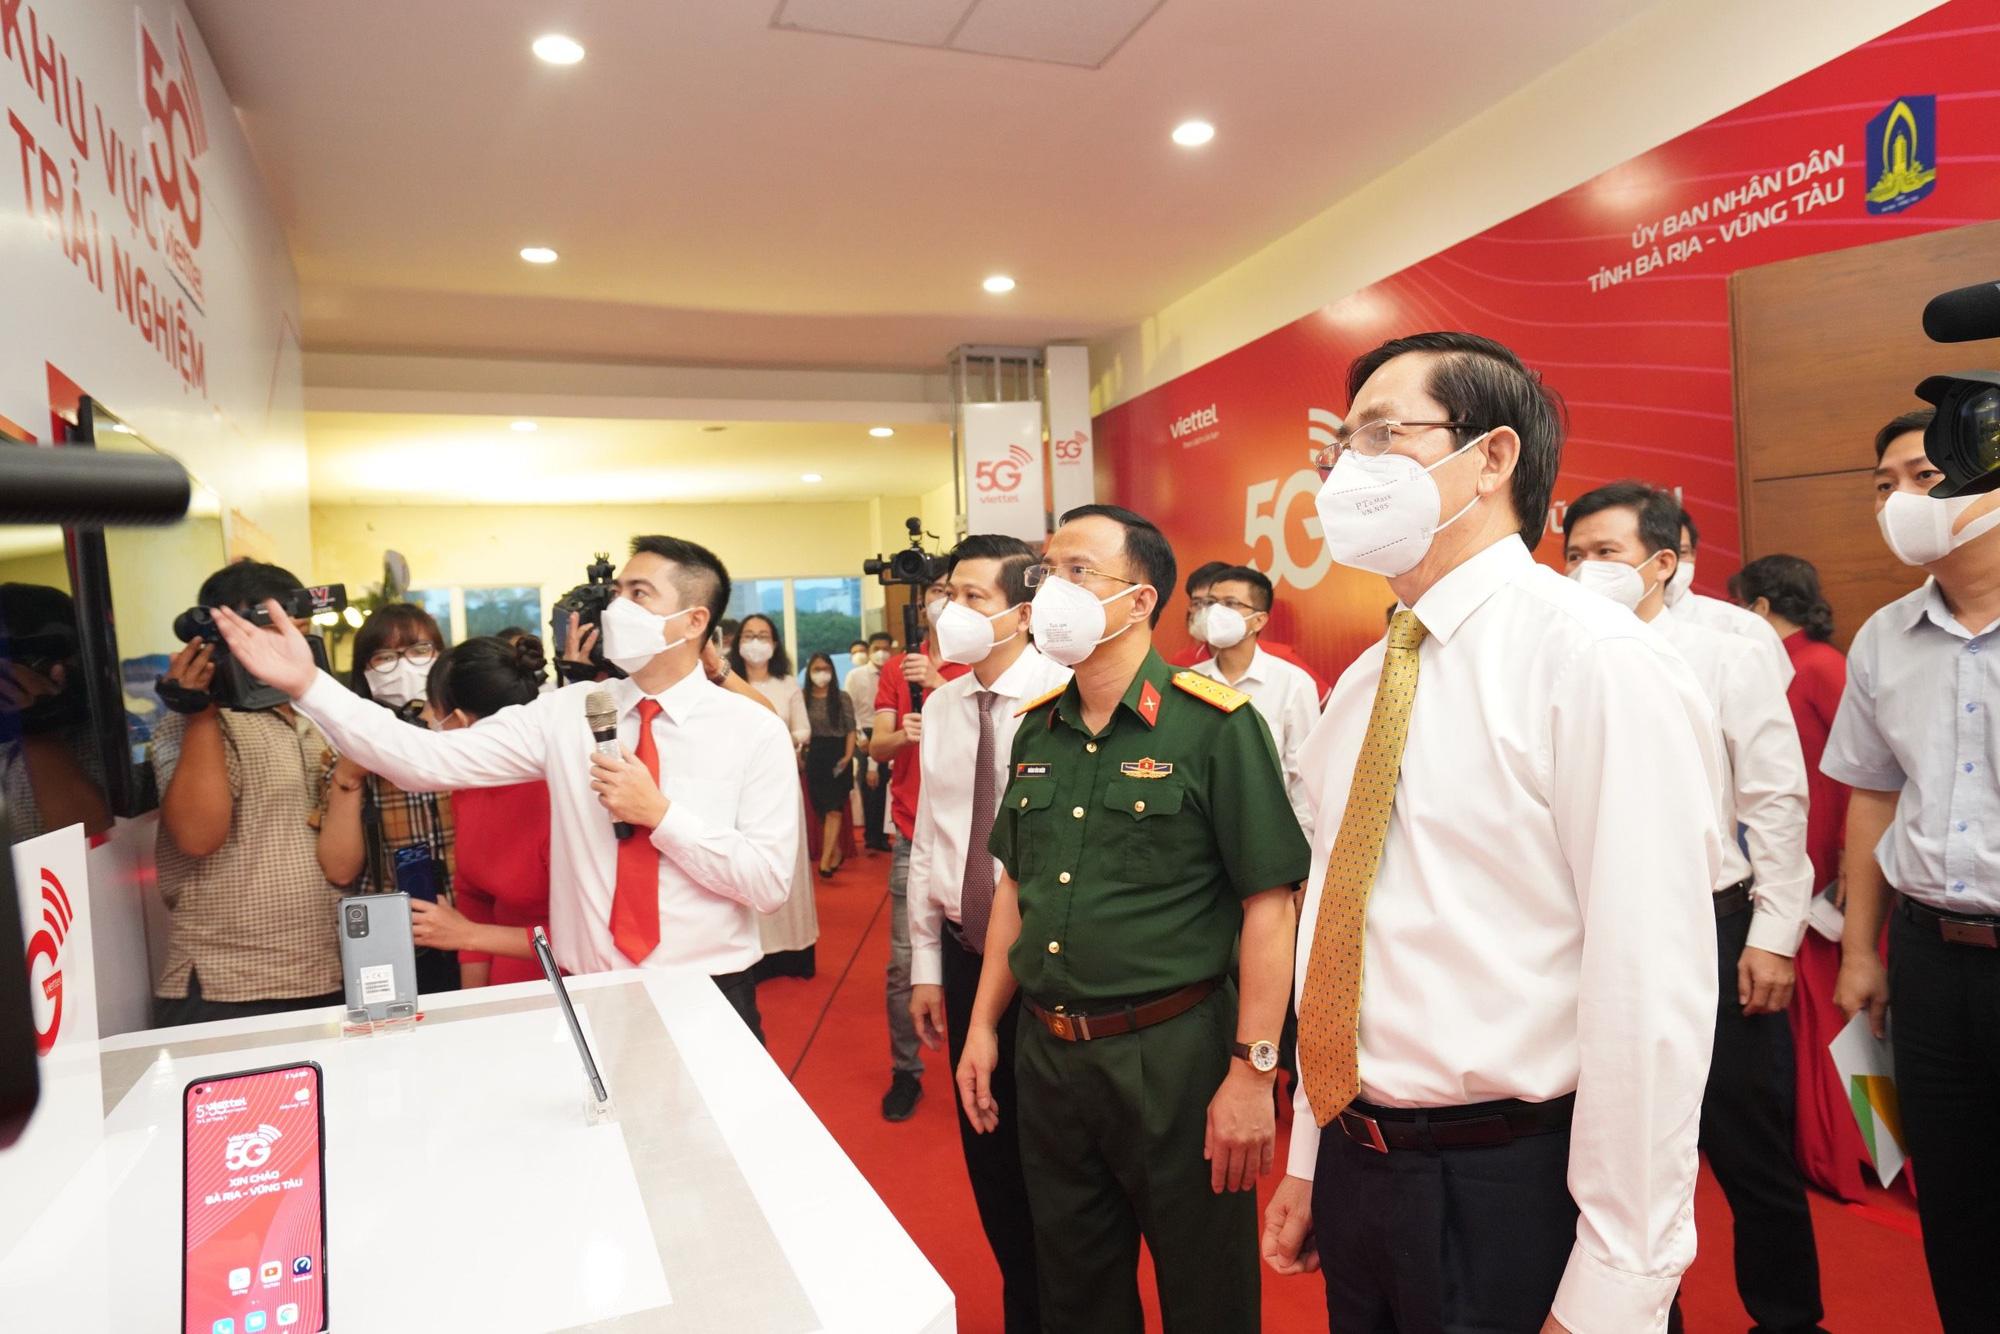 Viettel chính thức khai trương mạng 5G tại tỉnh Bà Rịa – Vũng Tàu - Ảnh 3.